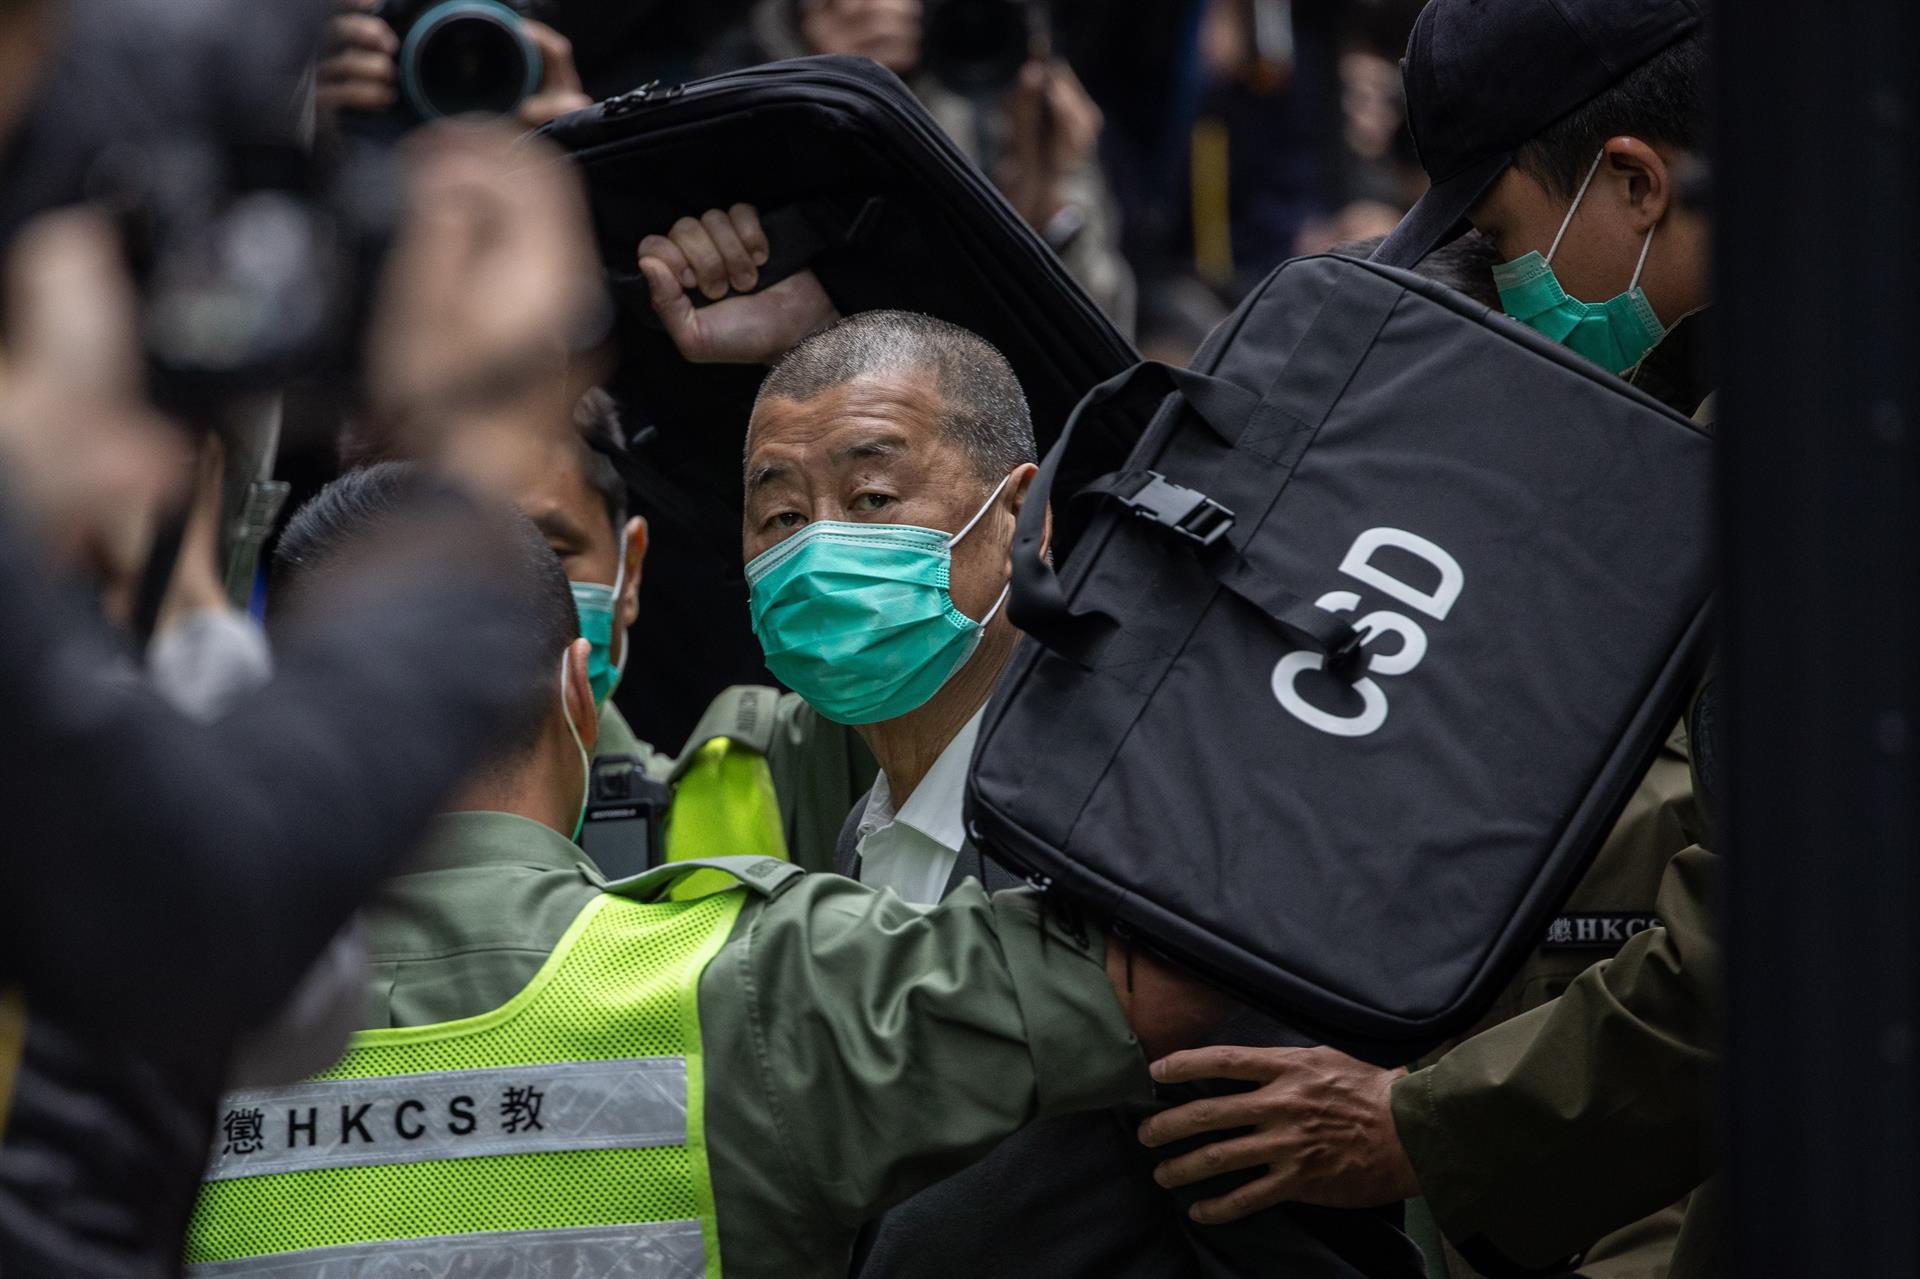 Jimmy Lai é condenado a 14 meses de prisão por envolvimento nas manifestações pró-democracia de Hong Kong em 2019